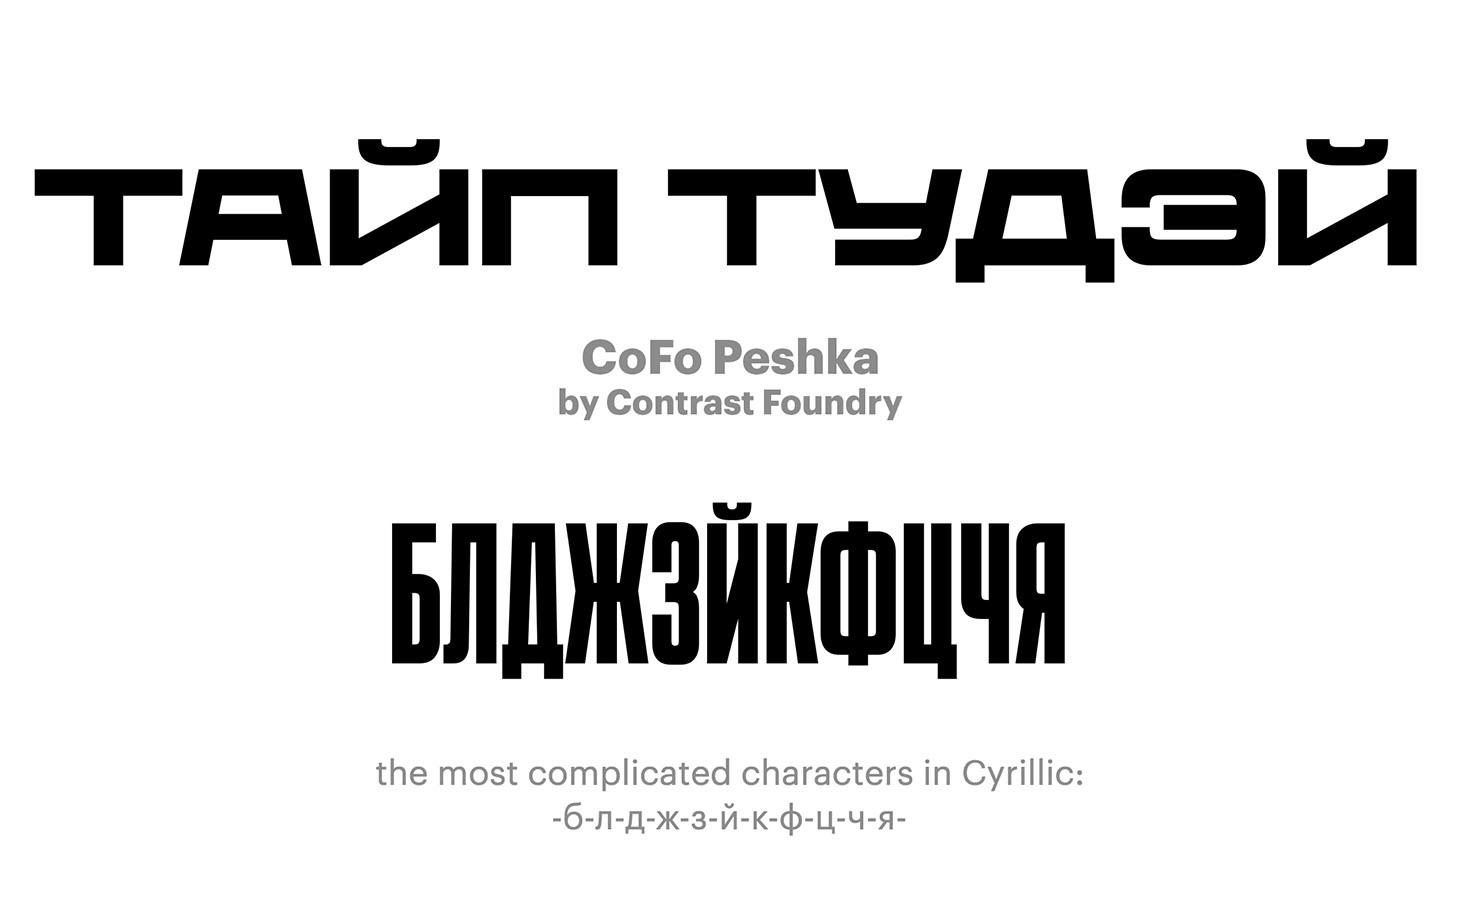 CoFo-Peshka